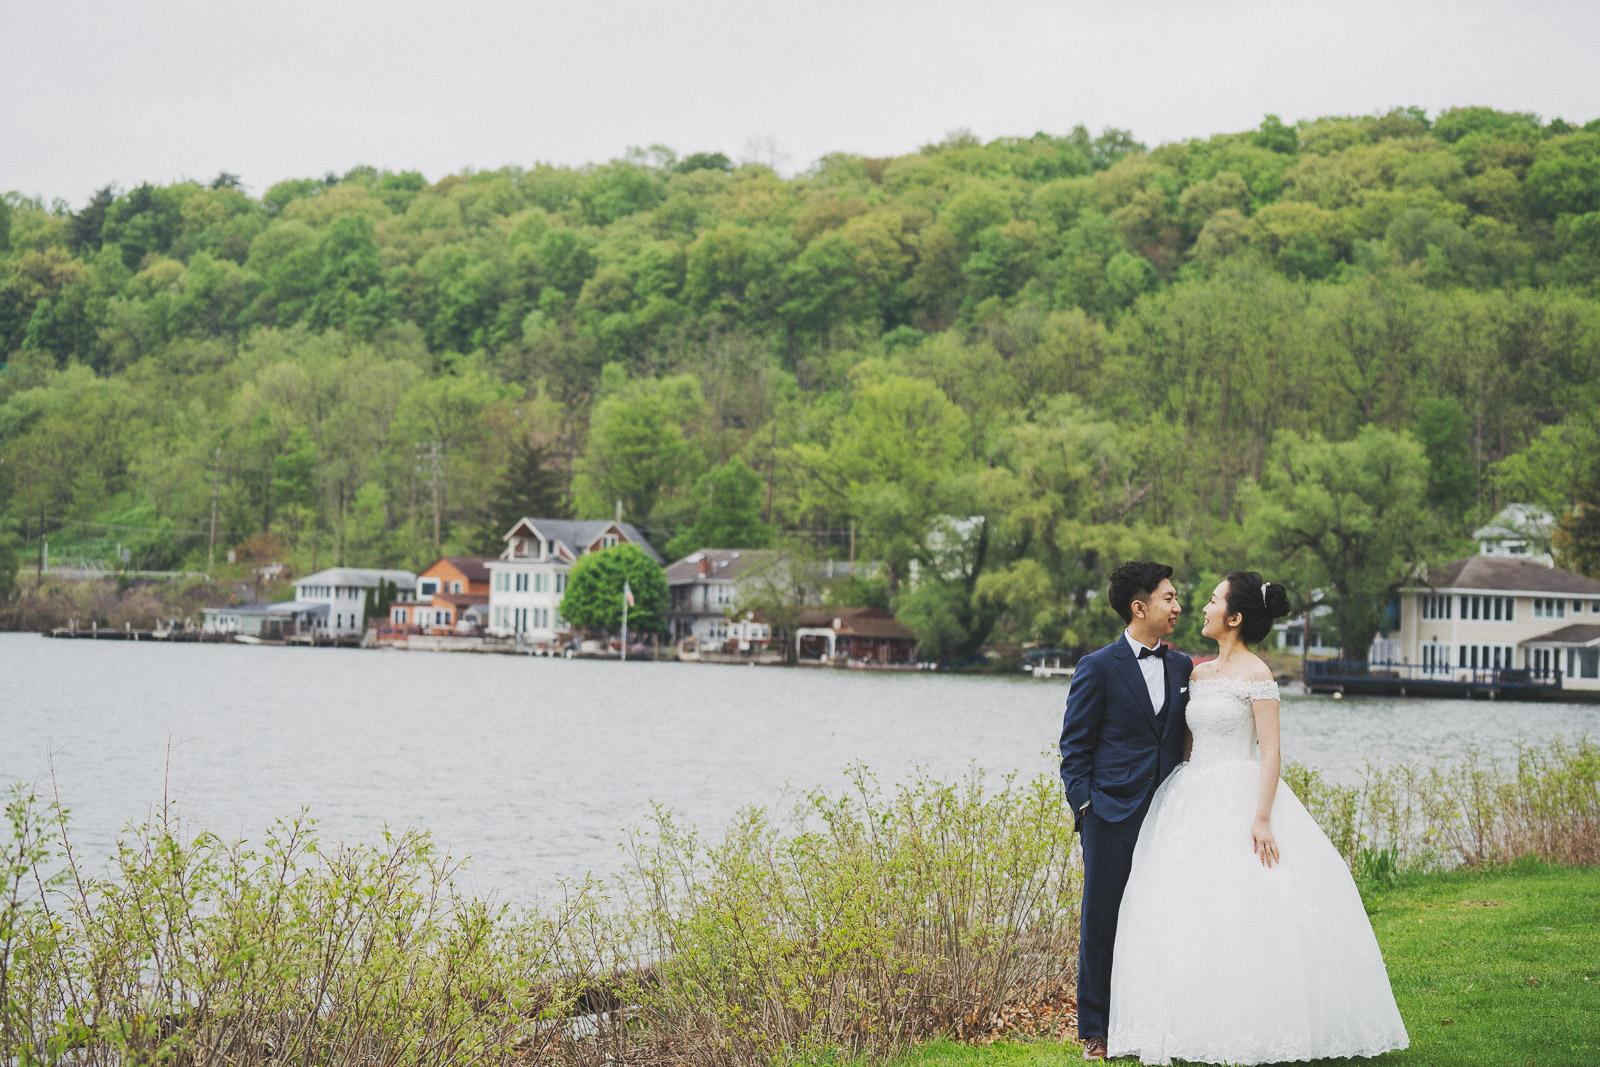 康乃爾大學婚紗拍攝